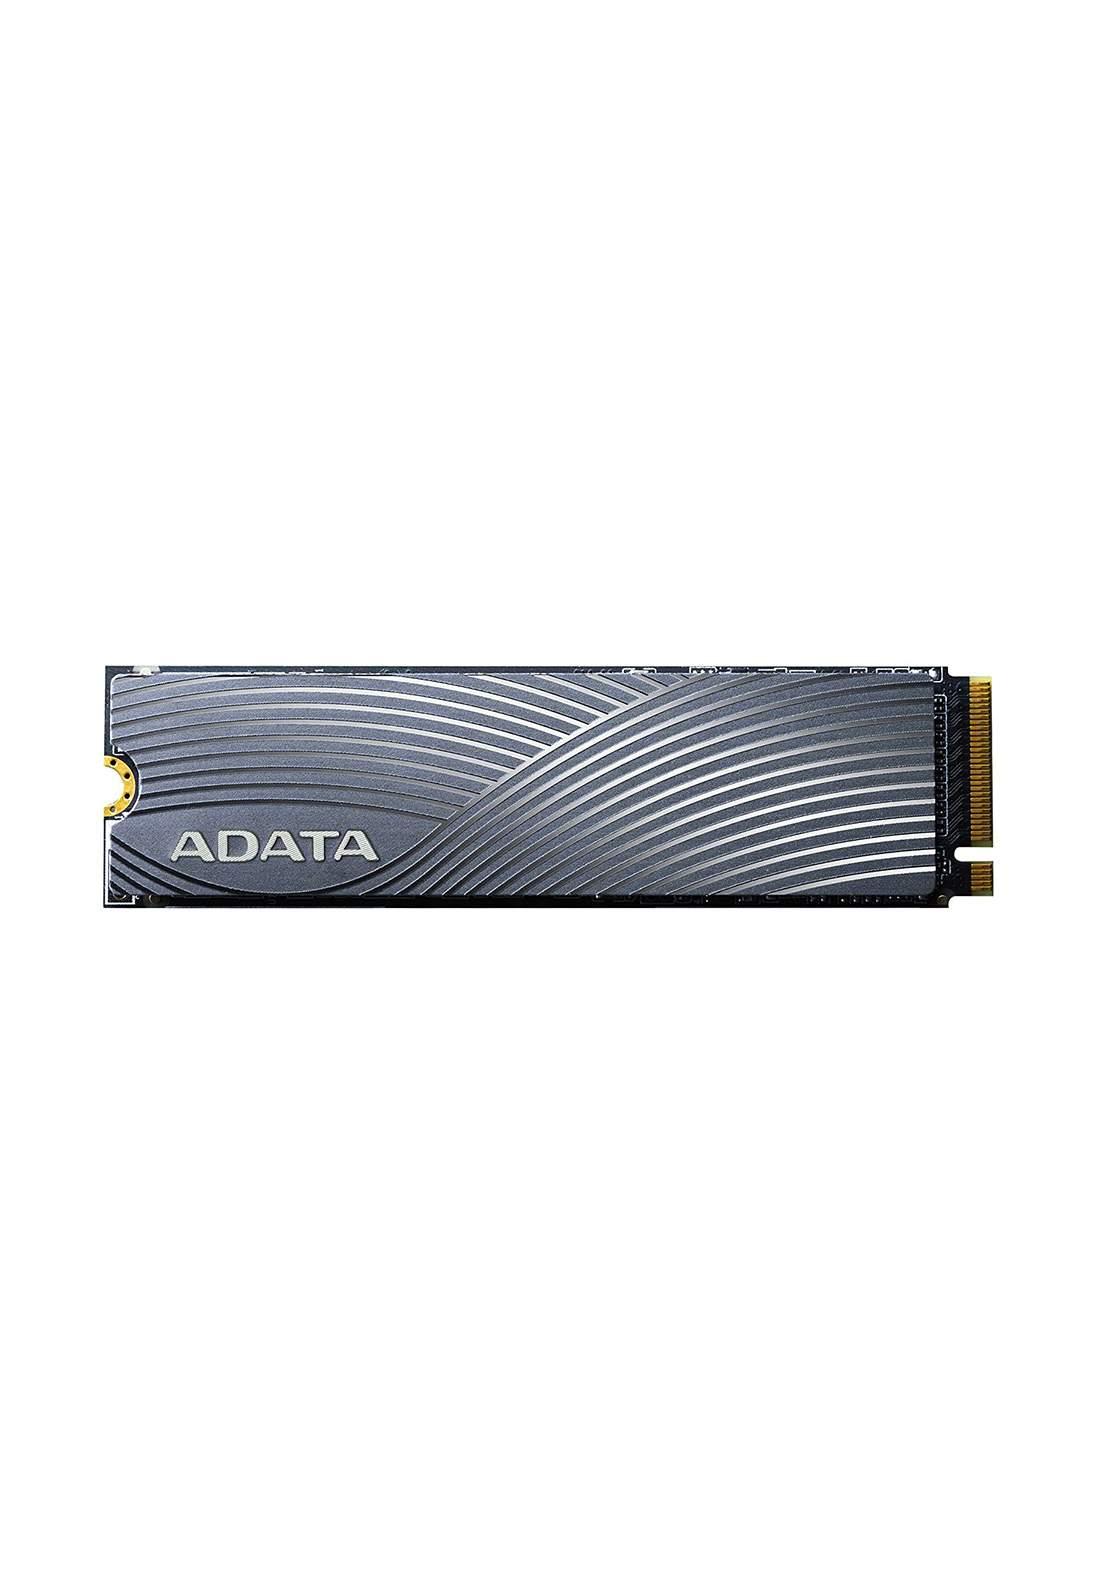 Adata Swordfish 250GB Internal PCIe Gen3x4 M.2 Solid State Drive